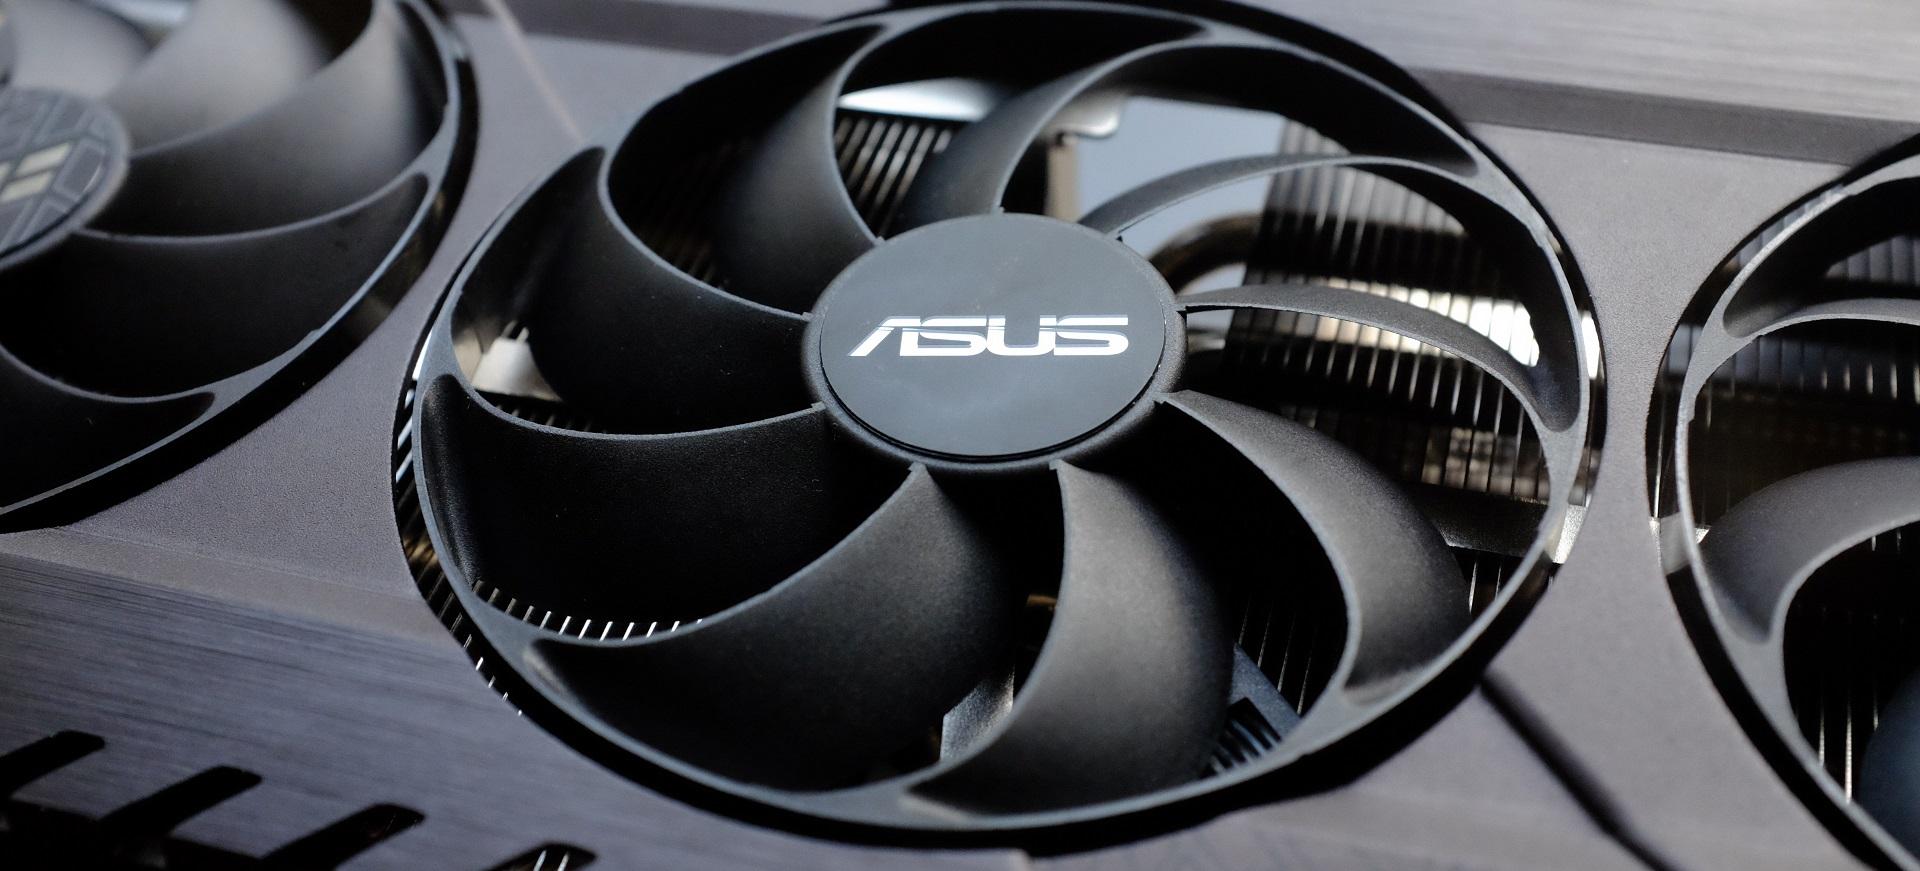 ASUS TUF RTX 3080 Gaming OC 10G - Đánh Giá Gaming Gear